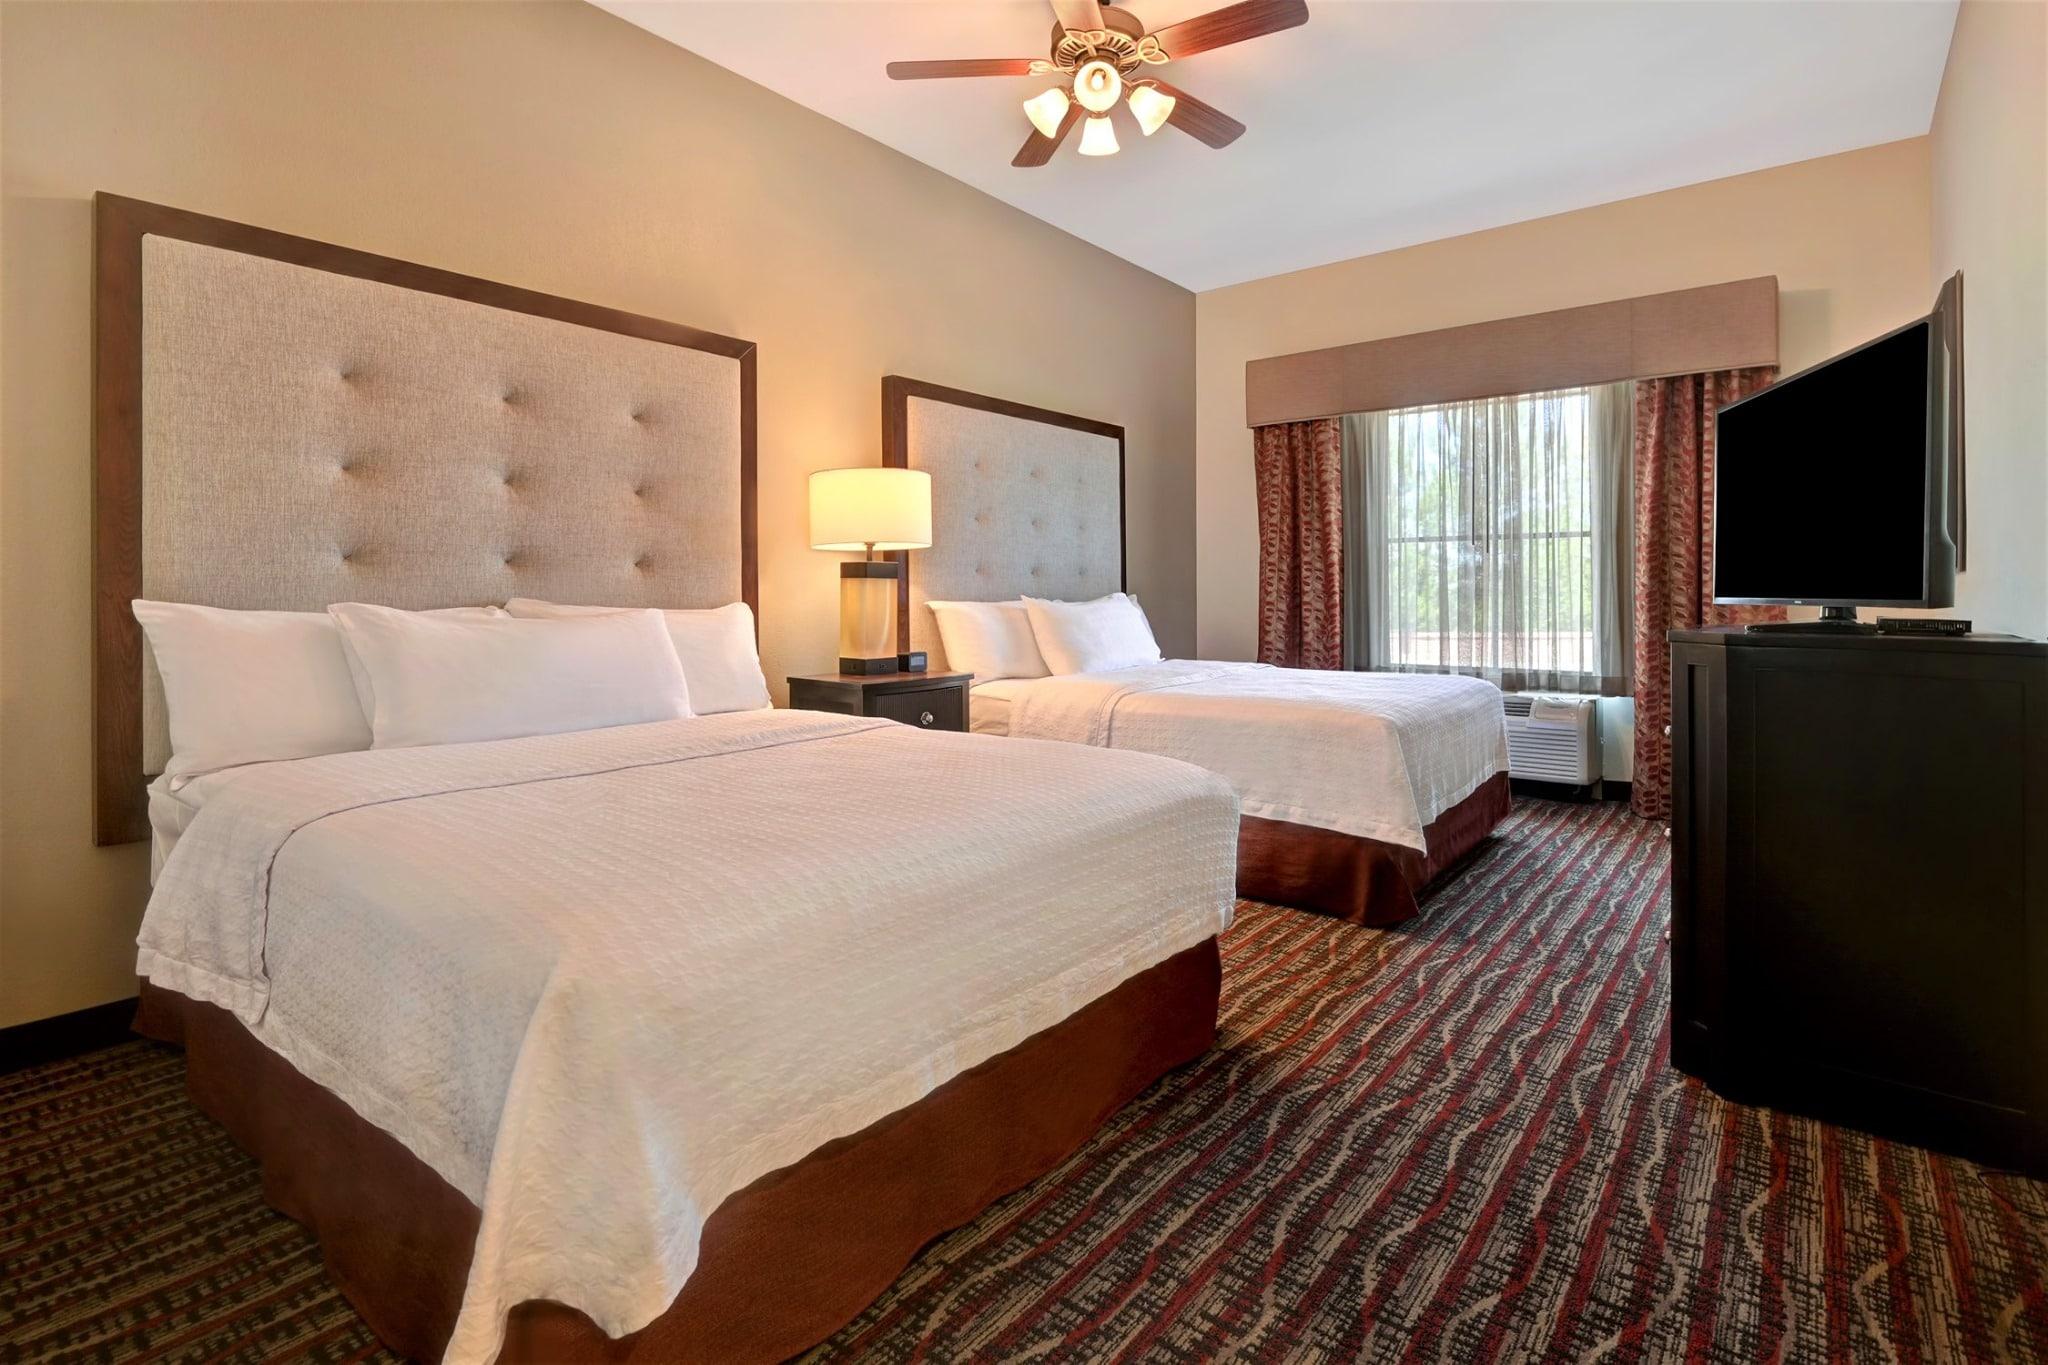 suite at homewood suites in englewood